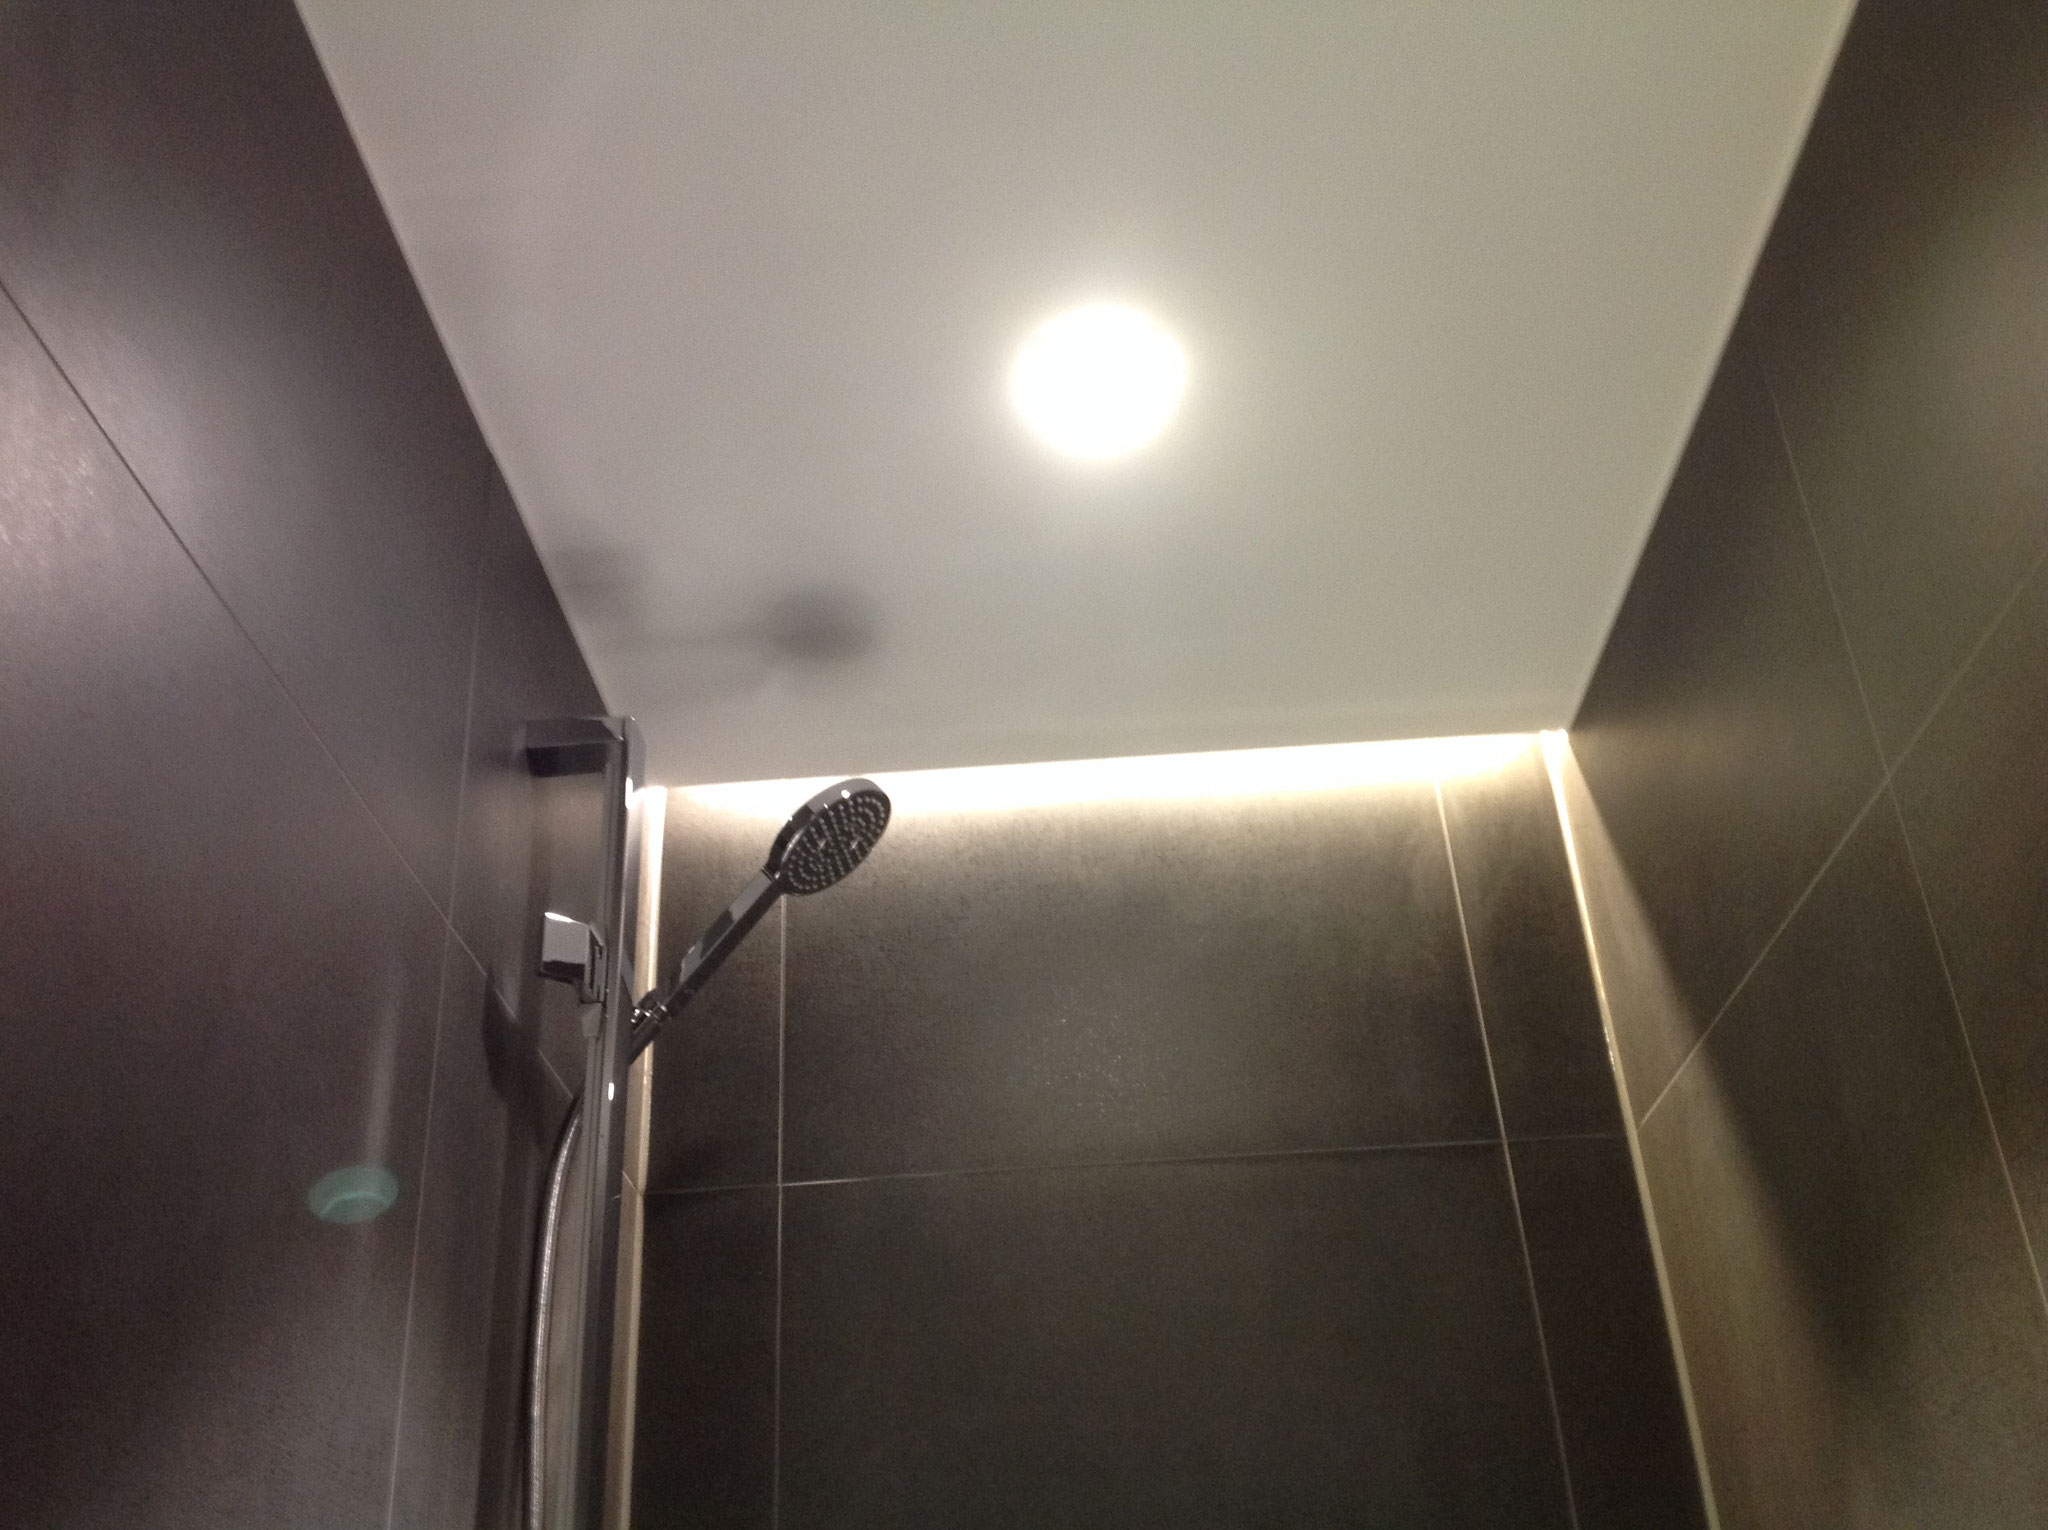 Indirekte Beleuchtung in der Dusche